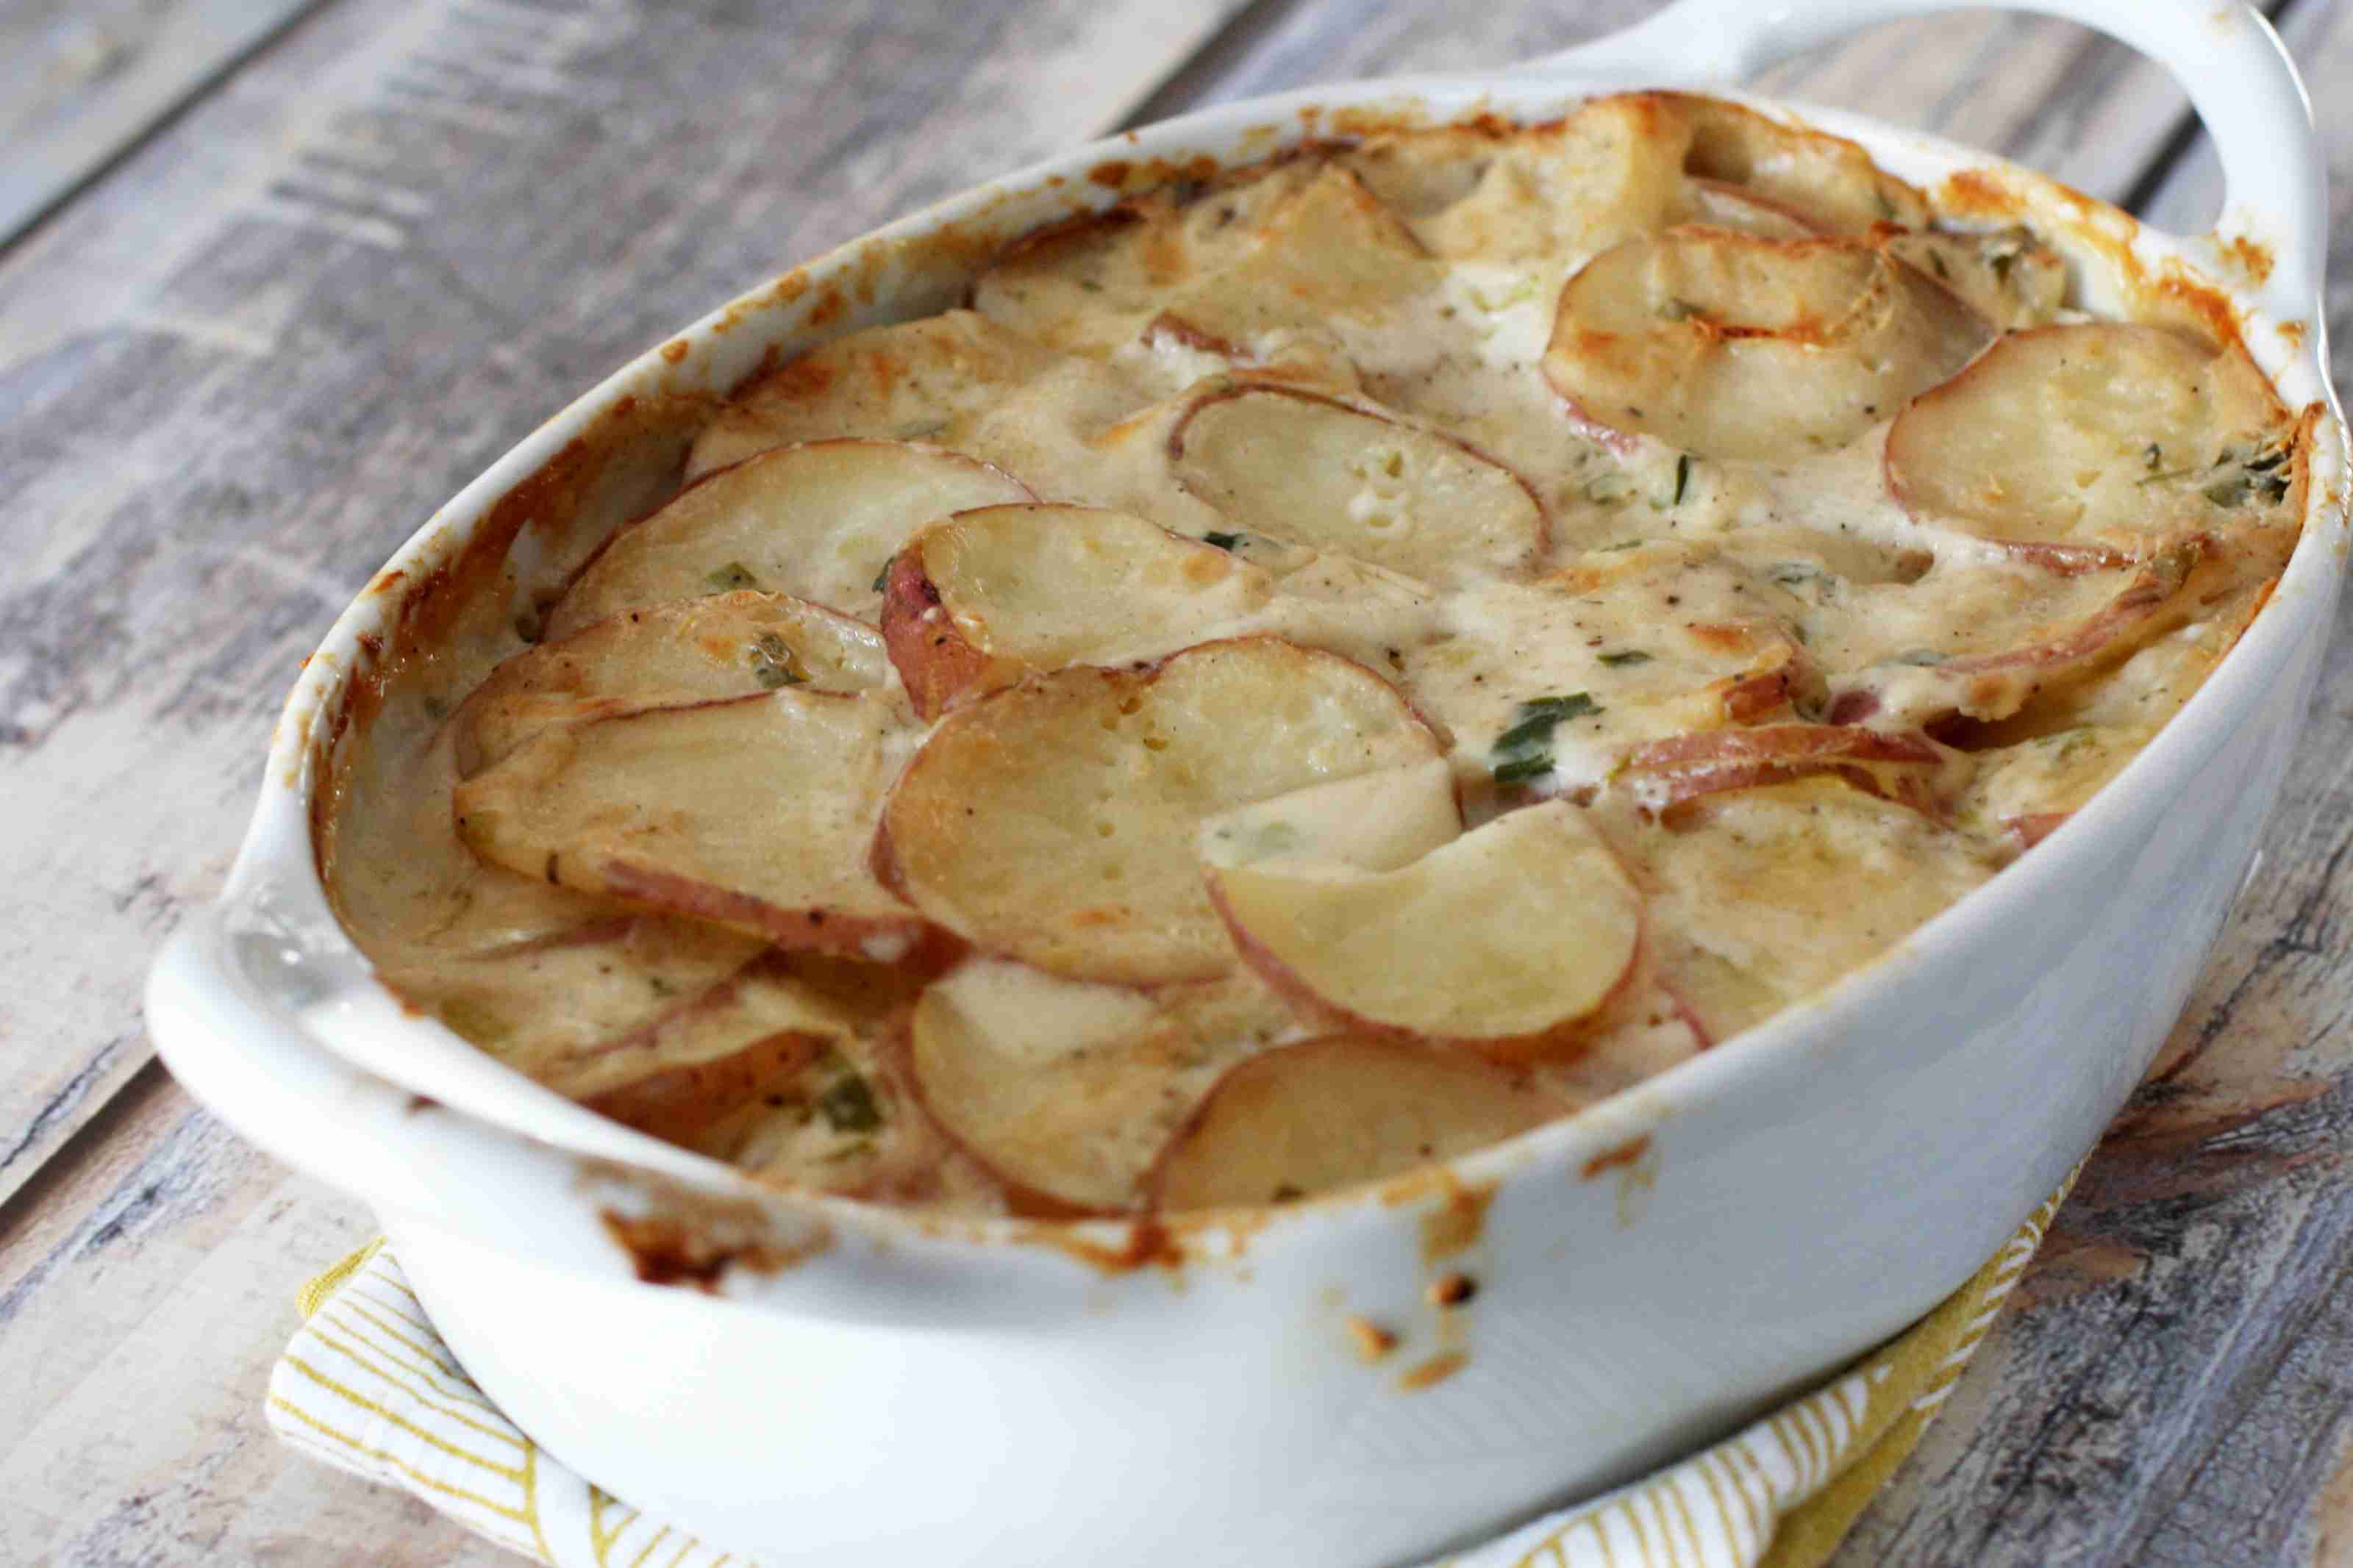 savory scalloped potatoes